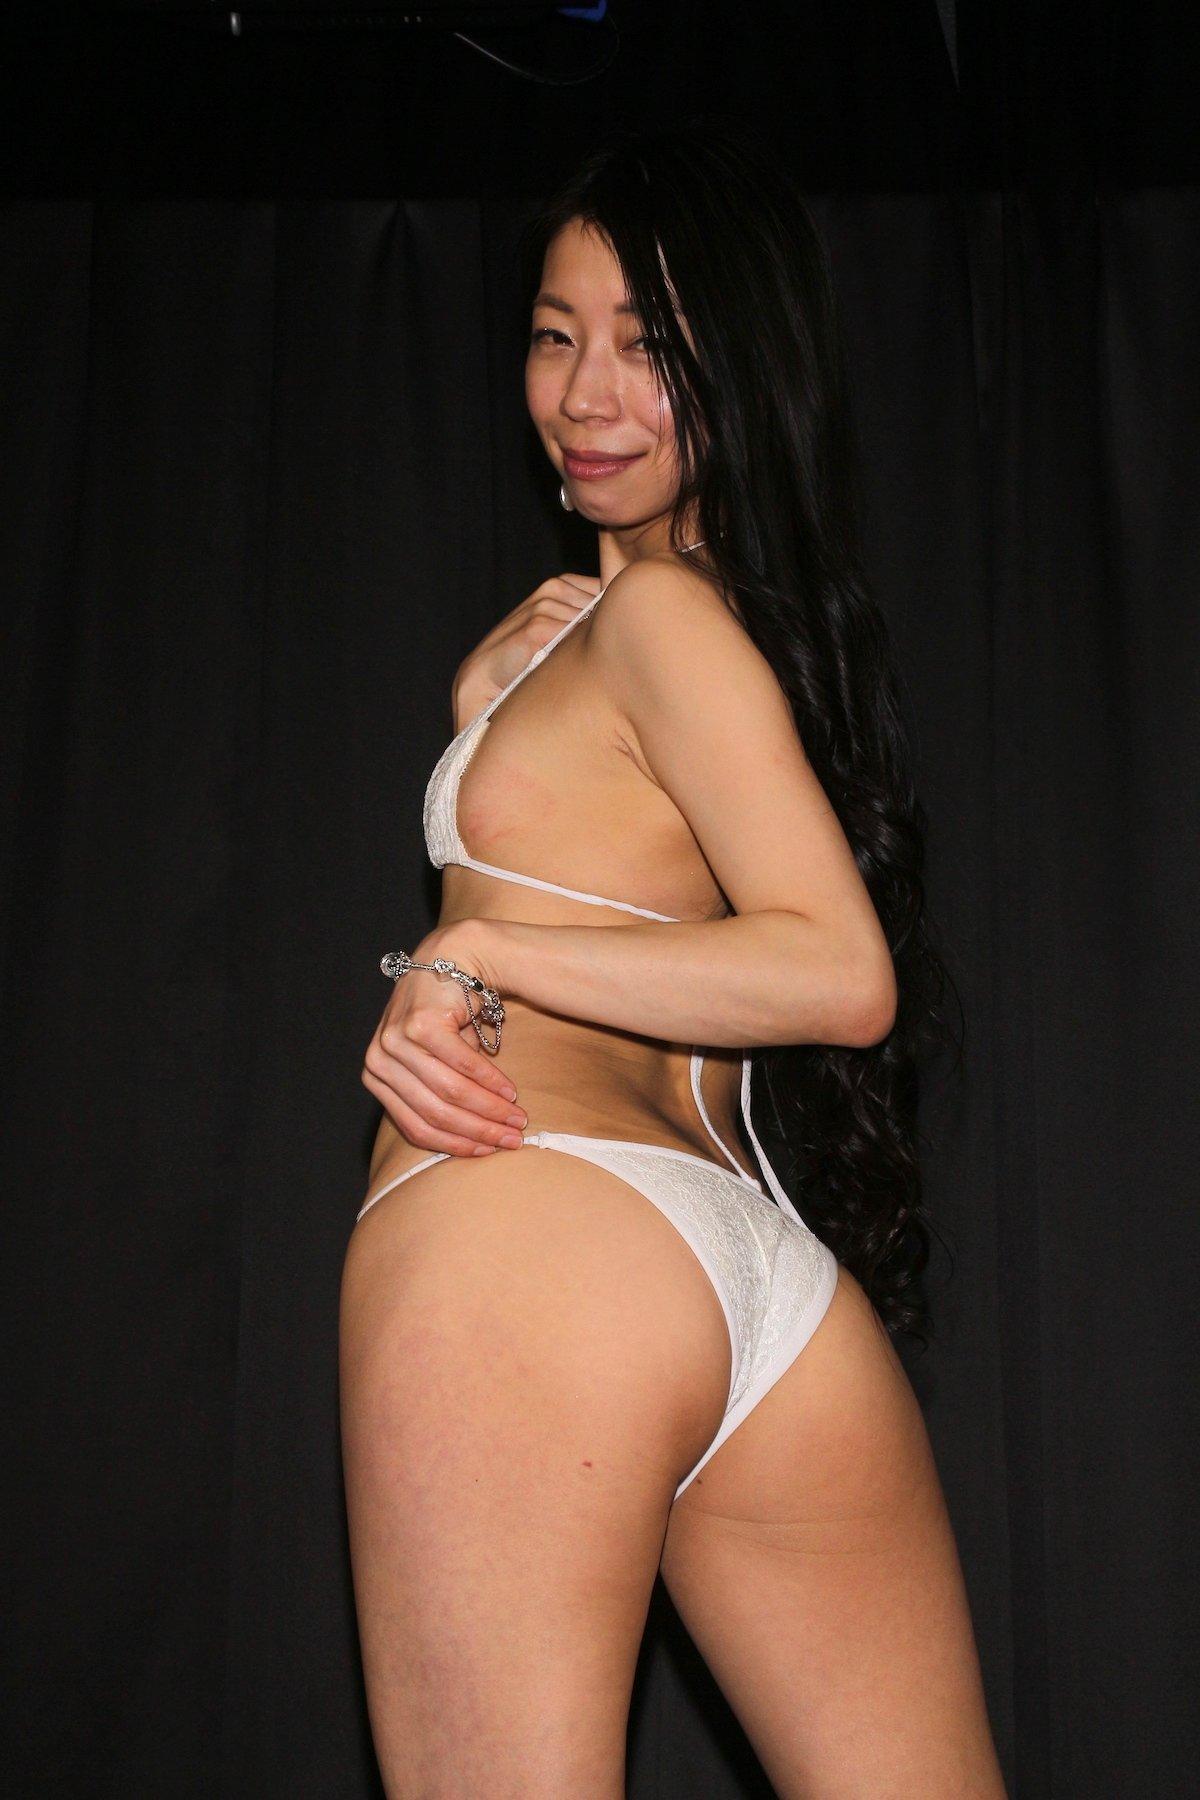 岩崎真奈「ベンチの縁にこすったり」私史上最高にセクシー【画像50枚】の画像011